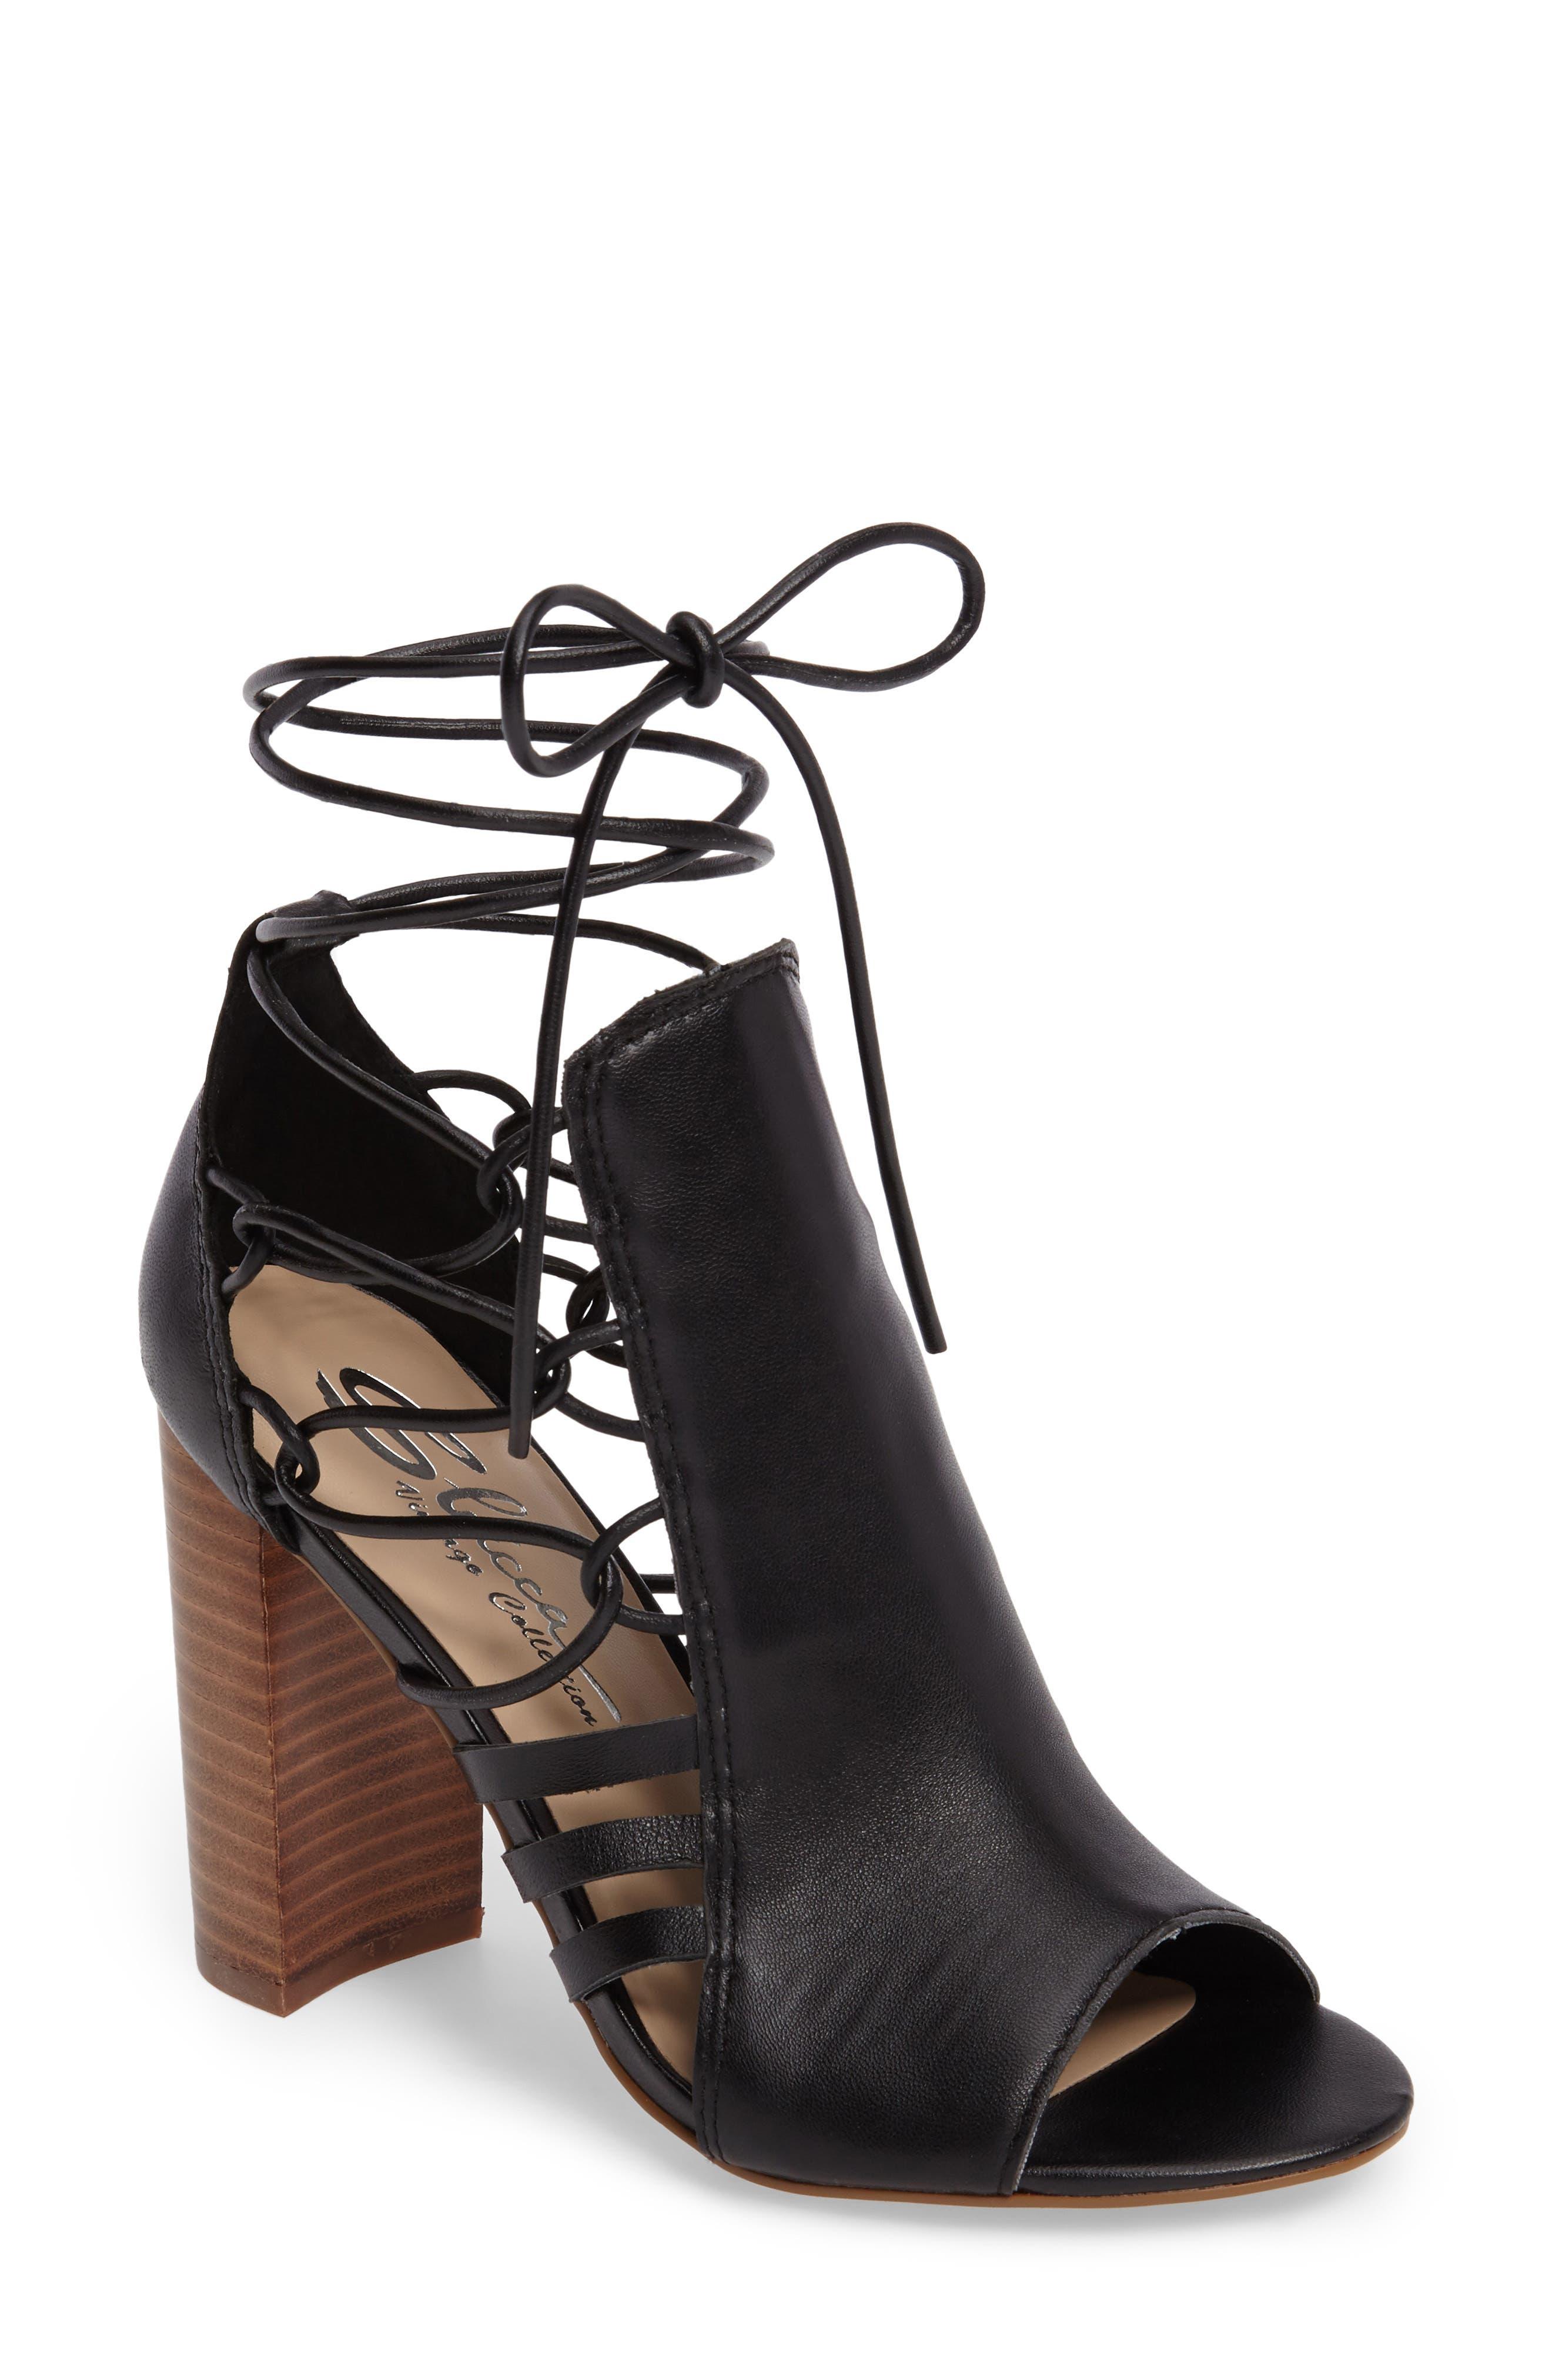 Adette Ankle Tie Sandal,                             Main thumbnail 1, color,                             001